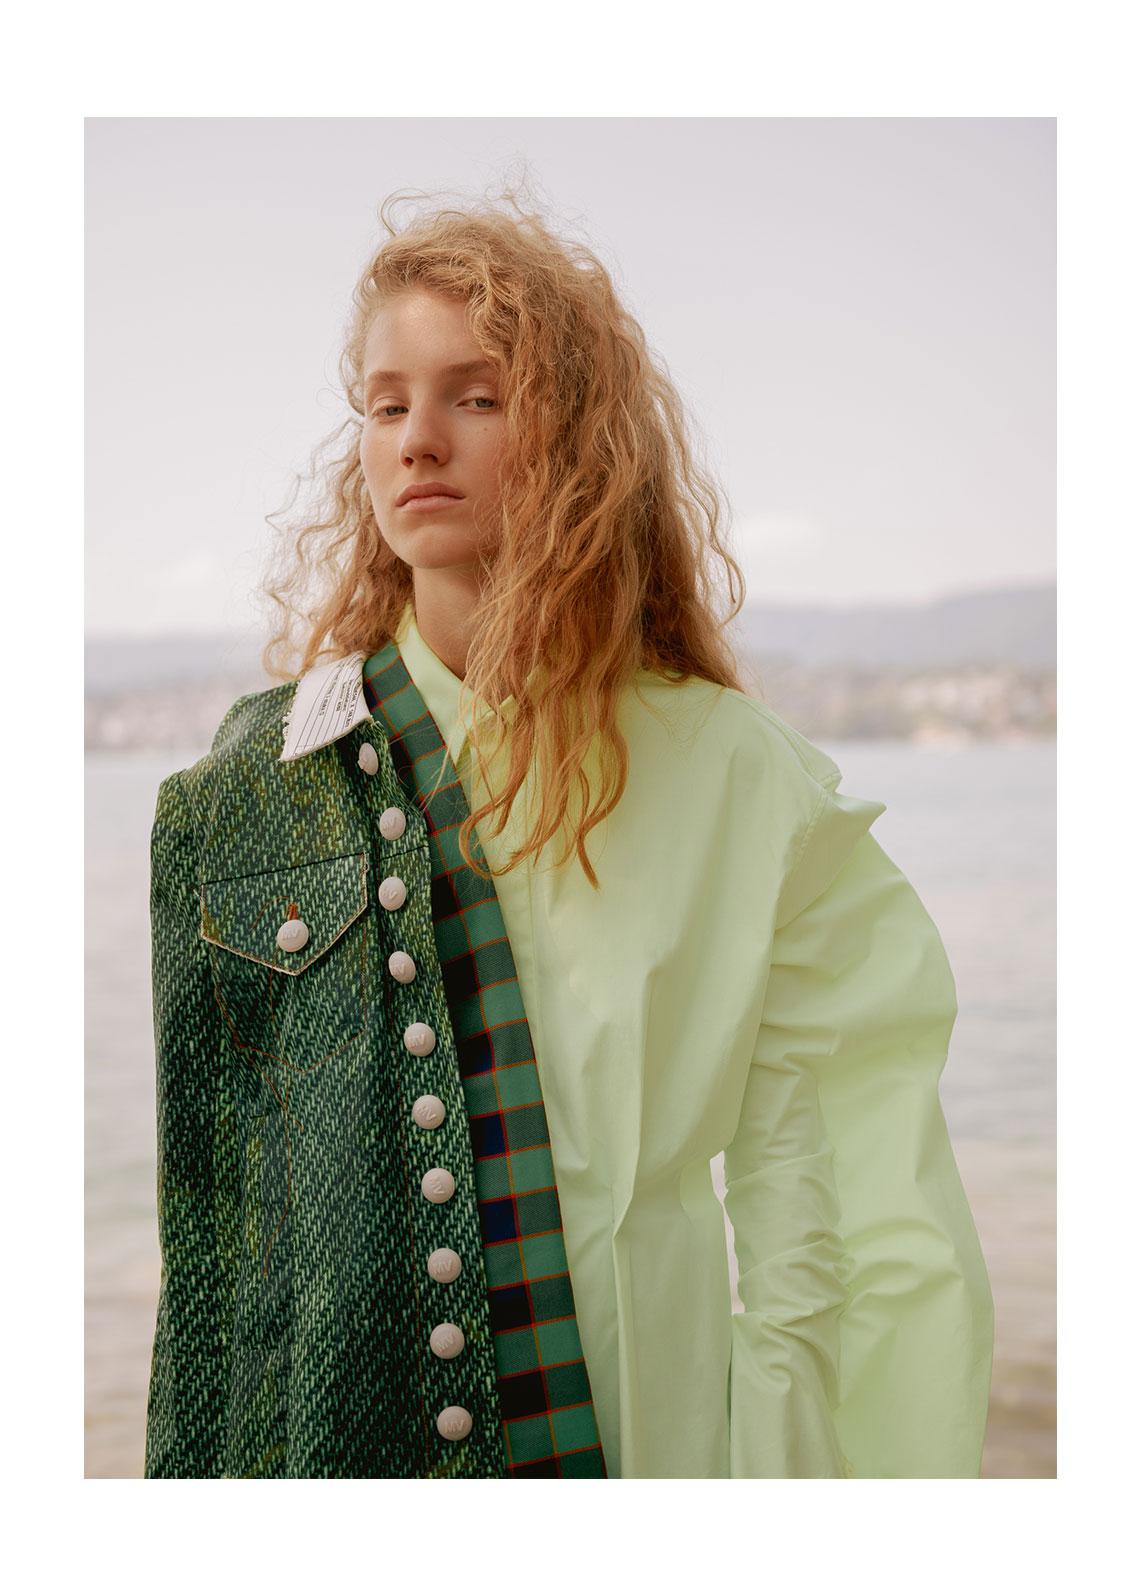 Oracle, Fox, Journal, The, Art of, Picnic, Editorial, Fashion, Noémi Ottilia Szabo